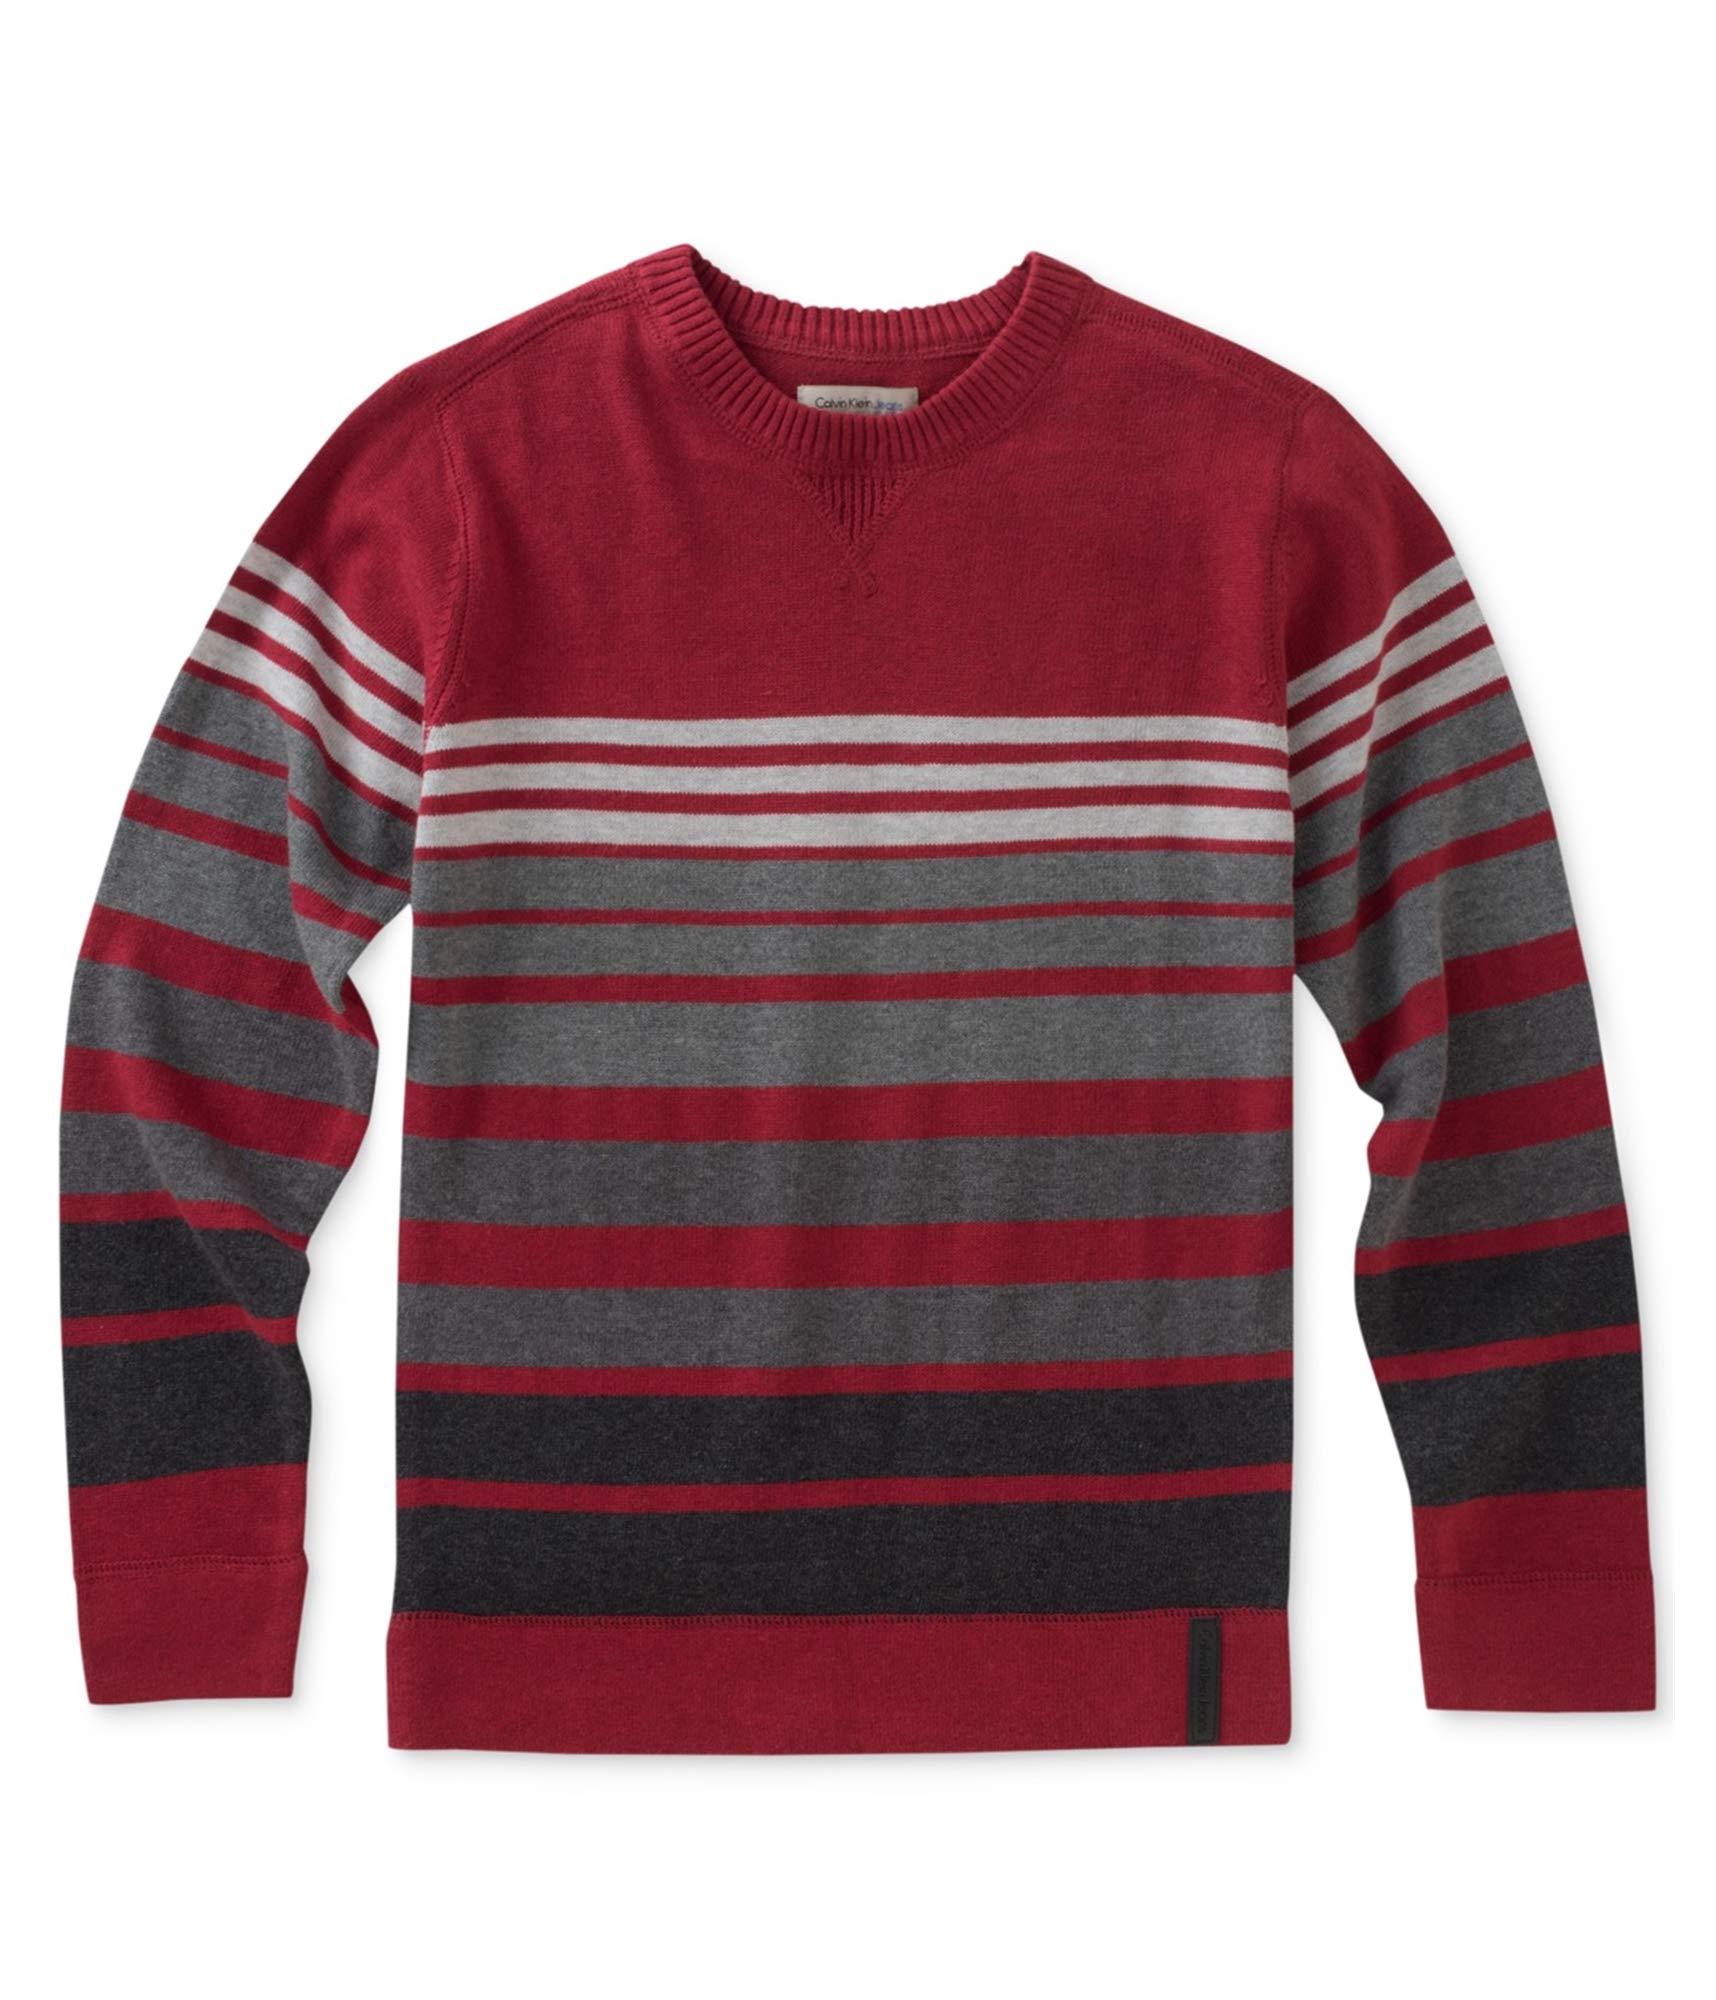 Calvin Klein Little Boys' Marled Stripe Cotton Sweater Red (S(8))